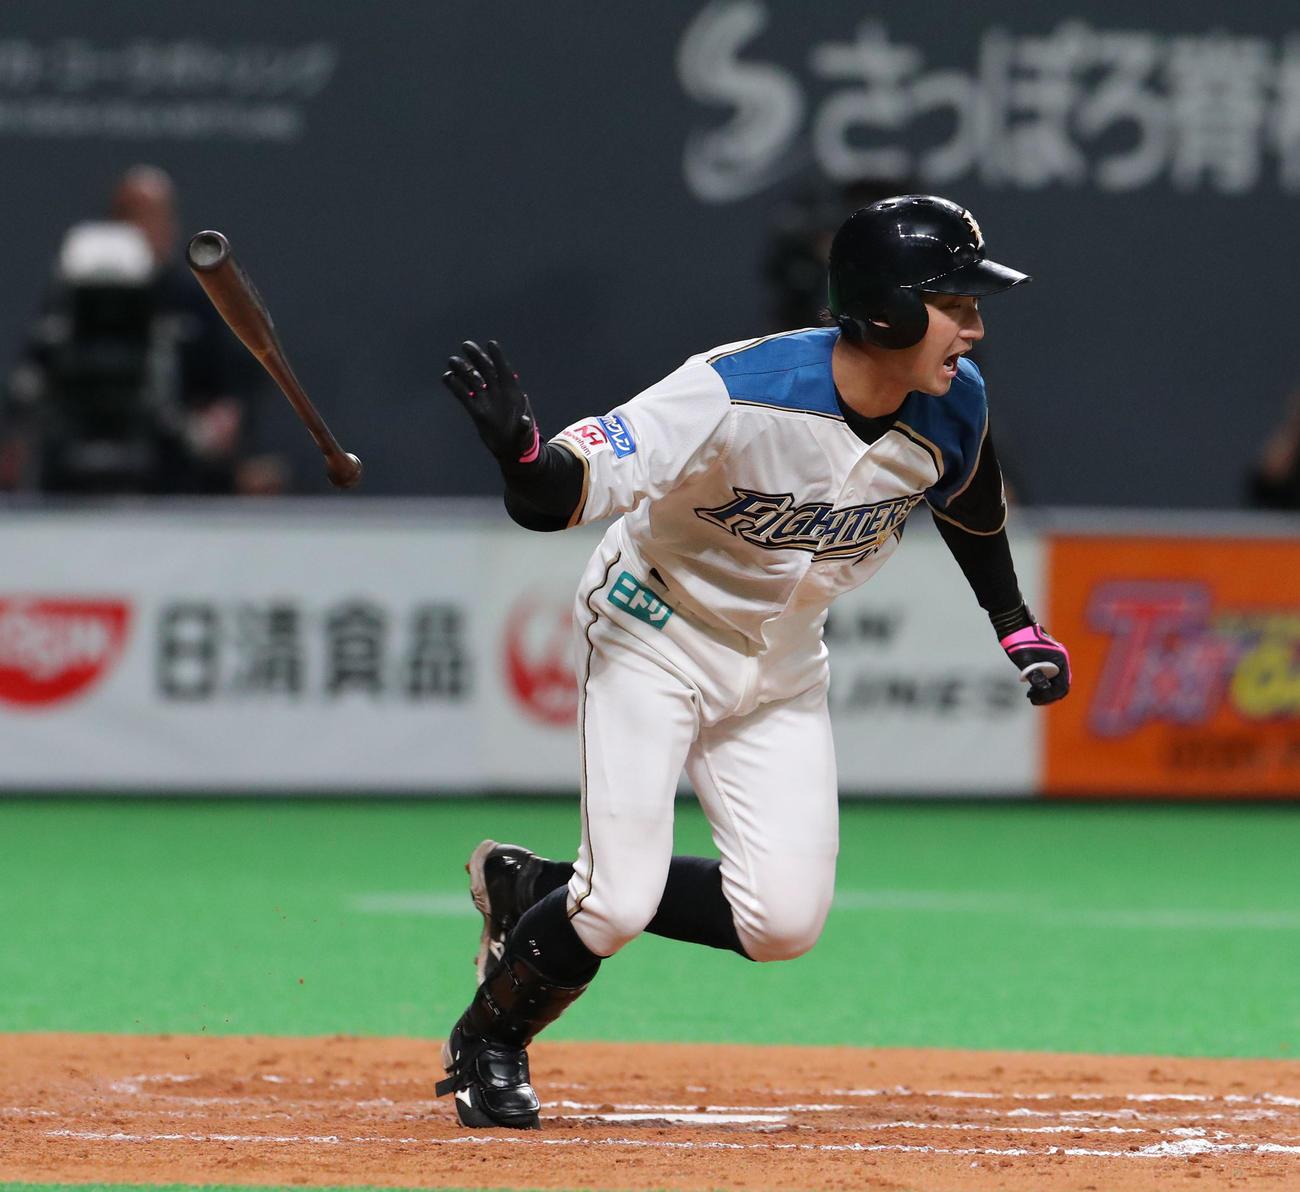 日本ハム浅間大基 24歳の誕生日をお祝いしよう - プロ野球 : 日刊スポーツ